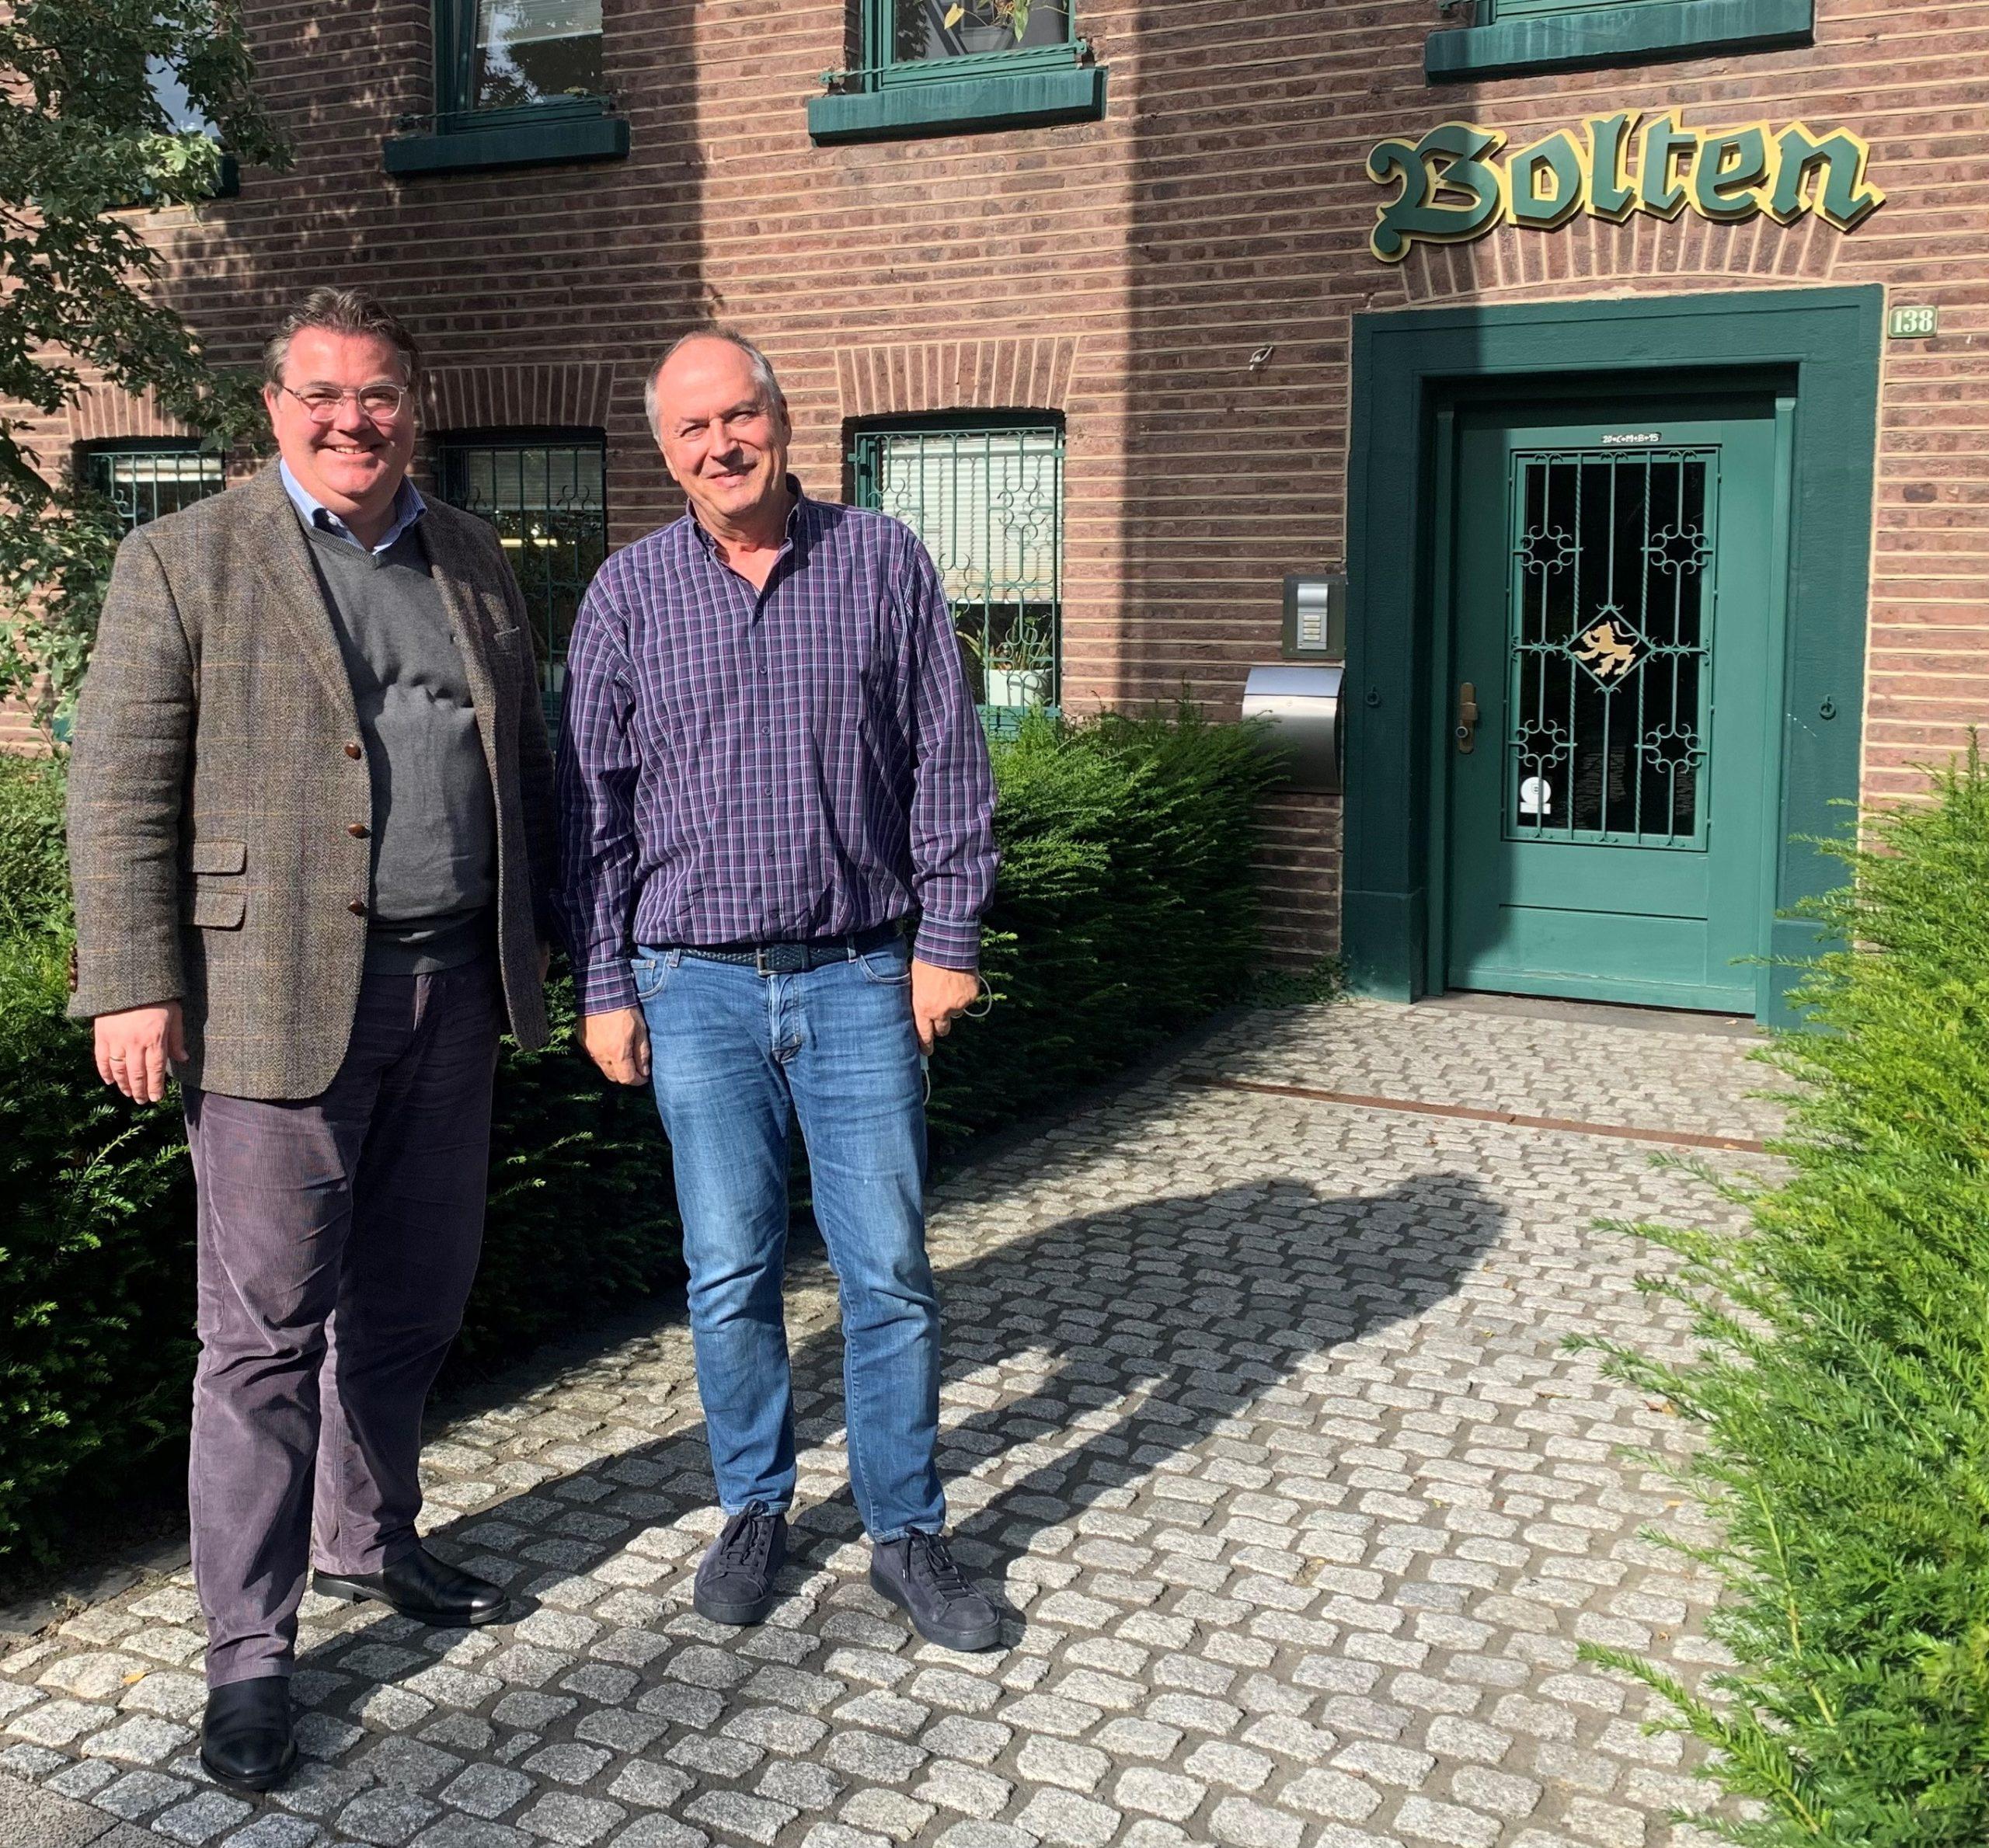 Ansgar Heveling im Gespräch mit dem Geschäftsführer der Bolten-Brauerei, Michael Hollmann